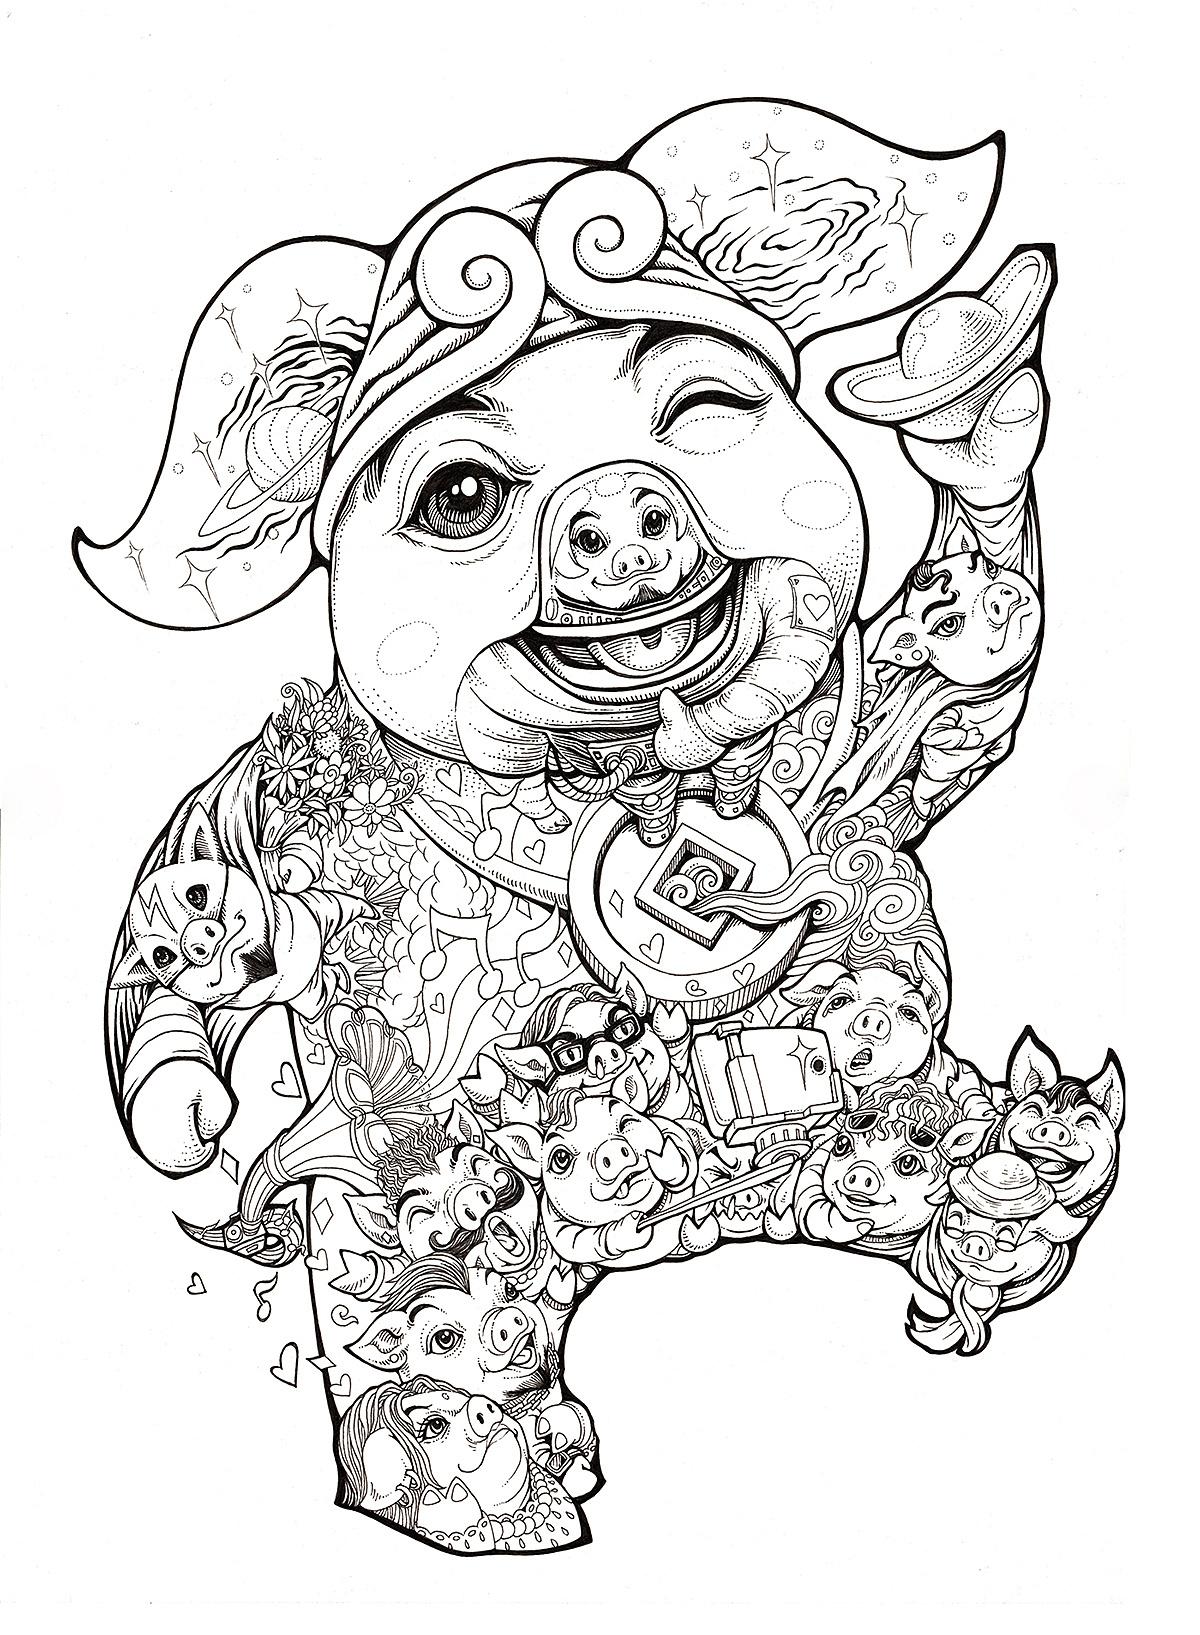 手绘 扫描ps上色   用时:合计3天左右  为明年己亥年创作的猪猪图案一